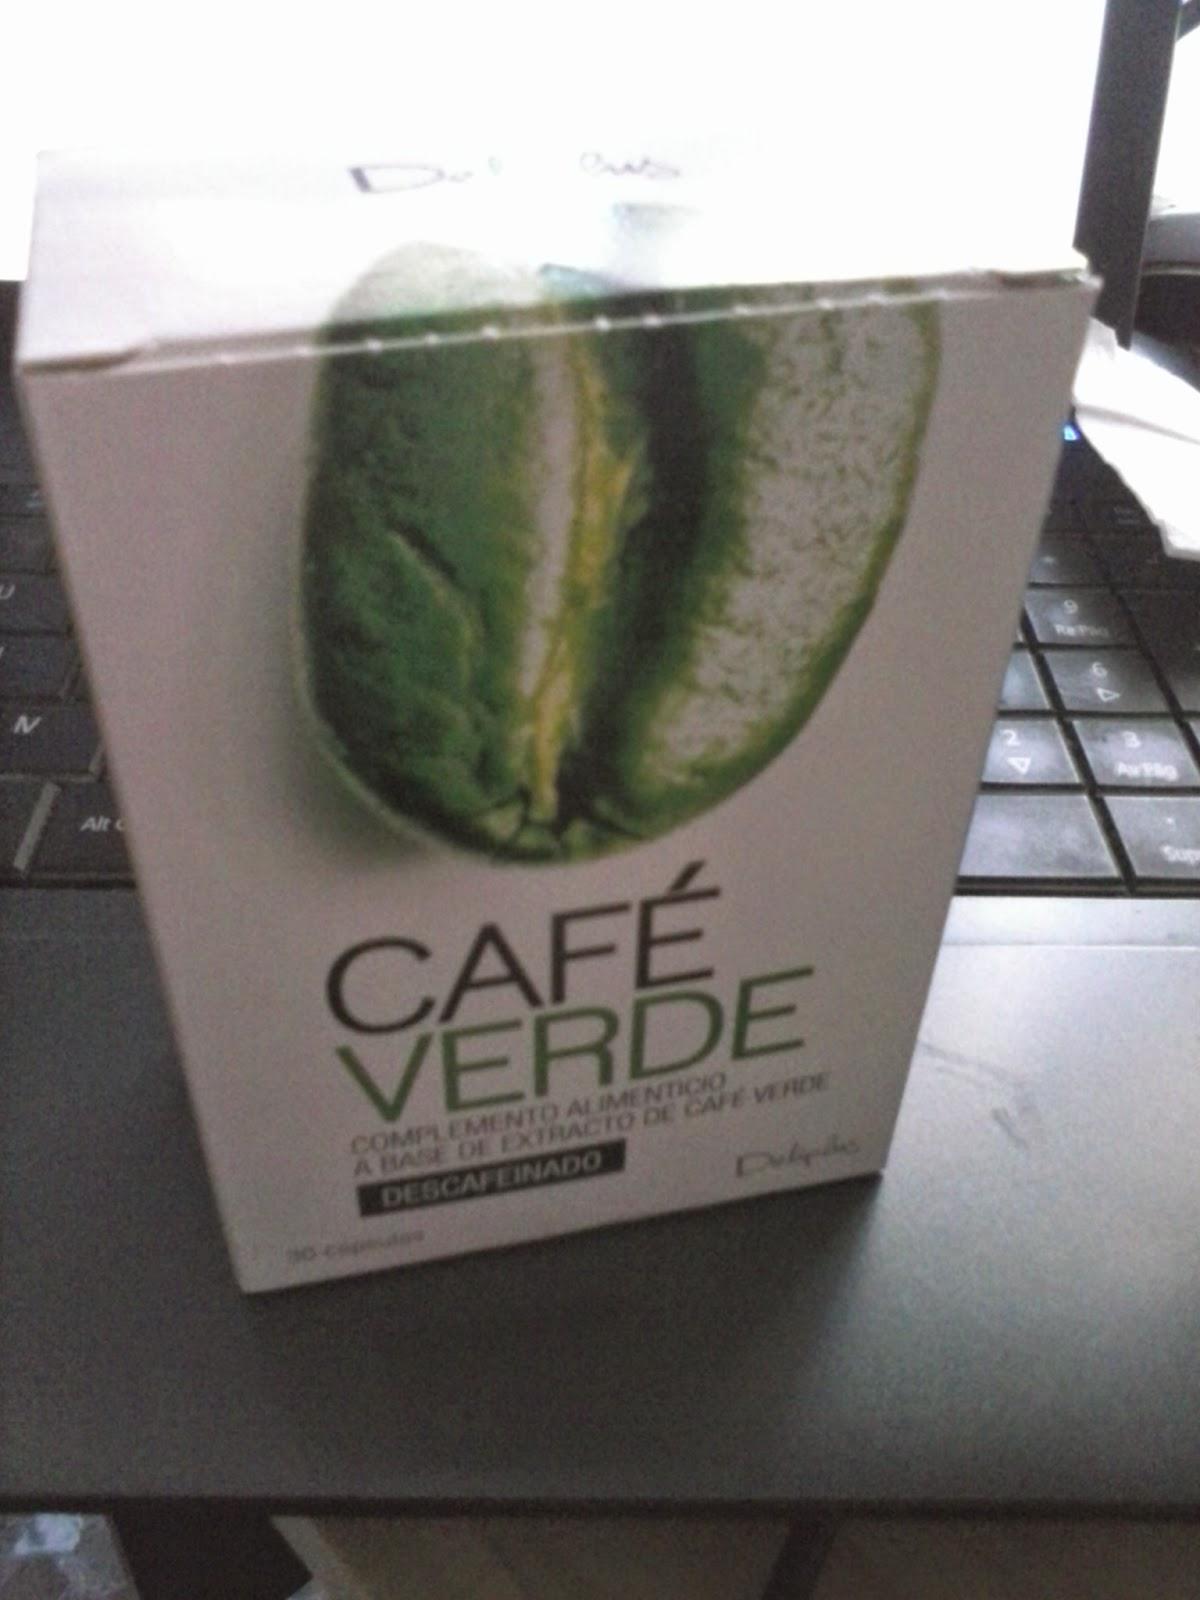 Capsulas de cafe verde foro